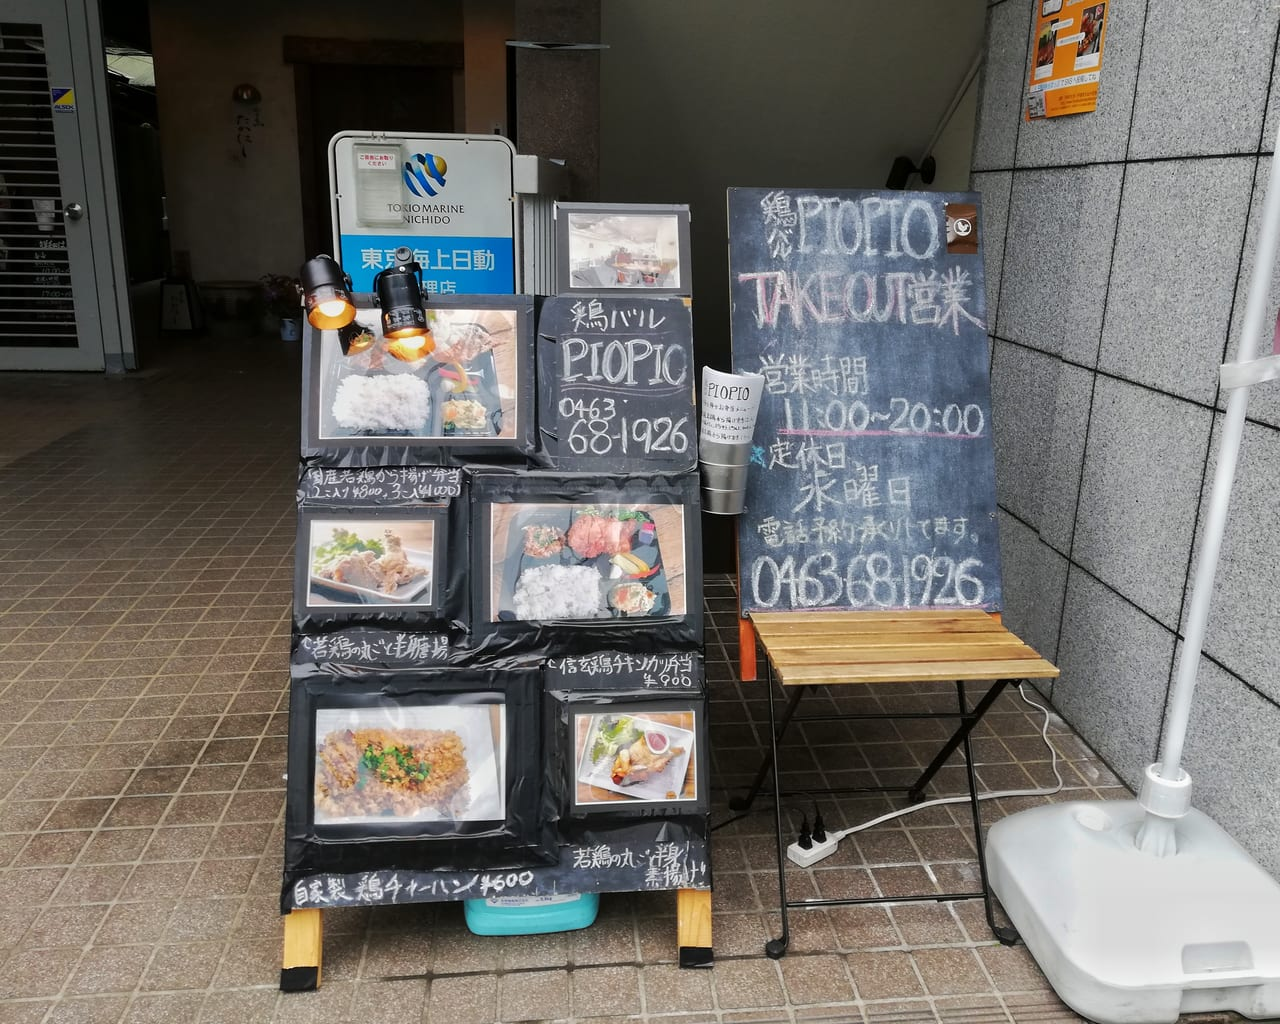 「鶏バルPIOPIO」さんのお弁当はから揚げとチキンカツが絶品!